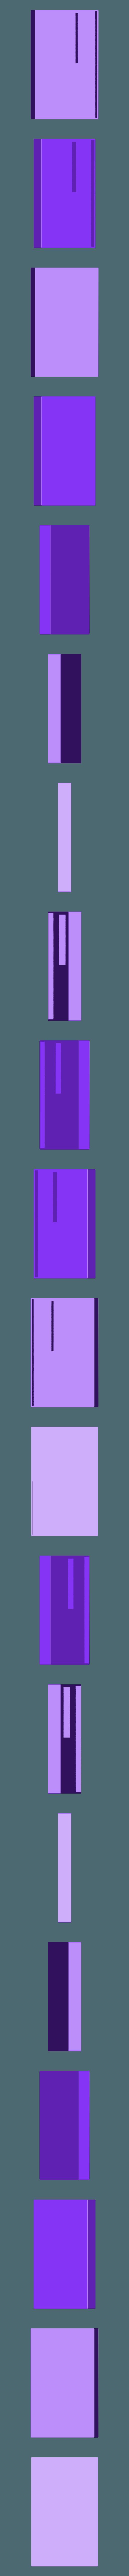 DIY_Touchpad.stl Télécharger fichier STL gratuit Touchpad pour le bricolage • Design à imprimer en 3D, maxsiebenschlaefer13